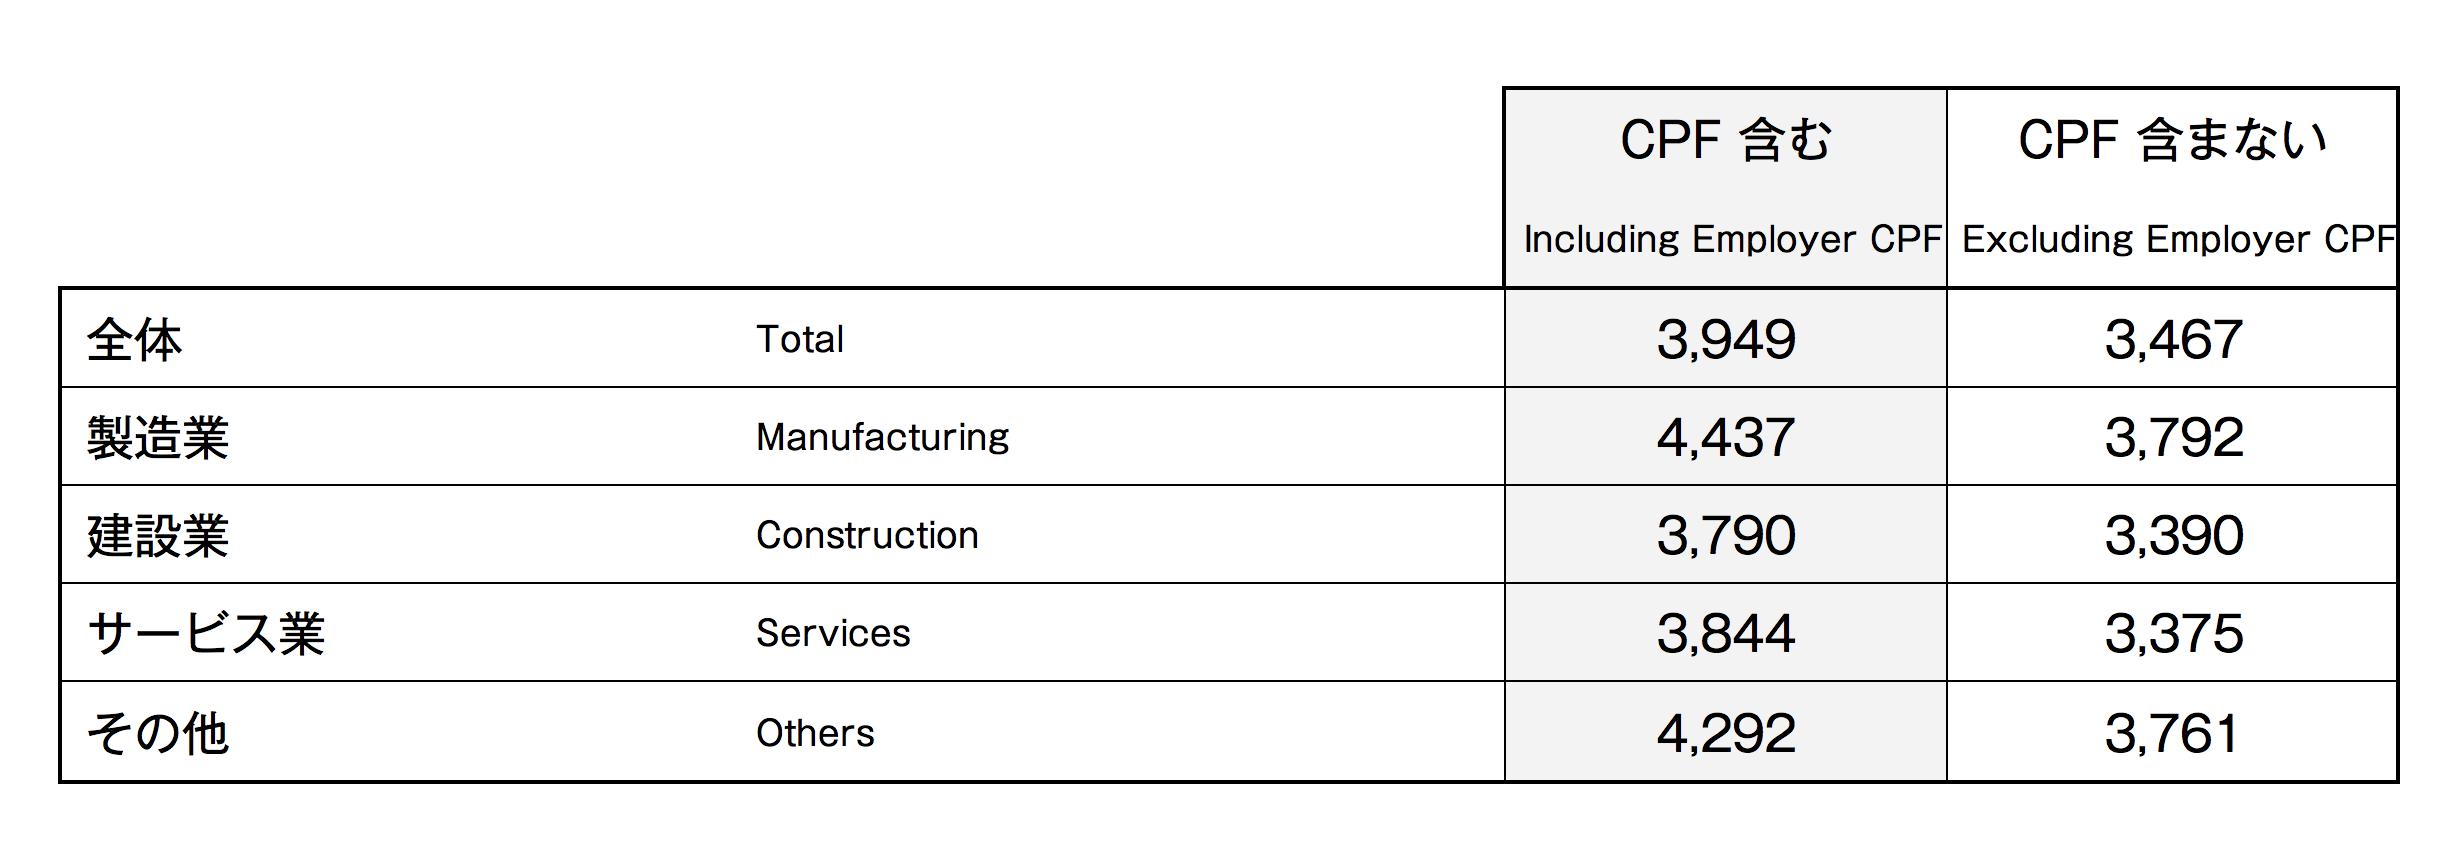 ■産業別フルタイム就業者の月収中央値 〈2015年6月時点〉